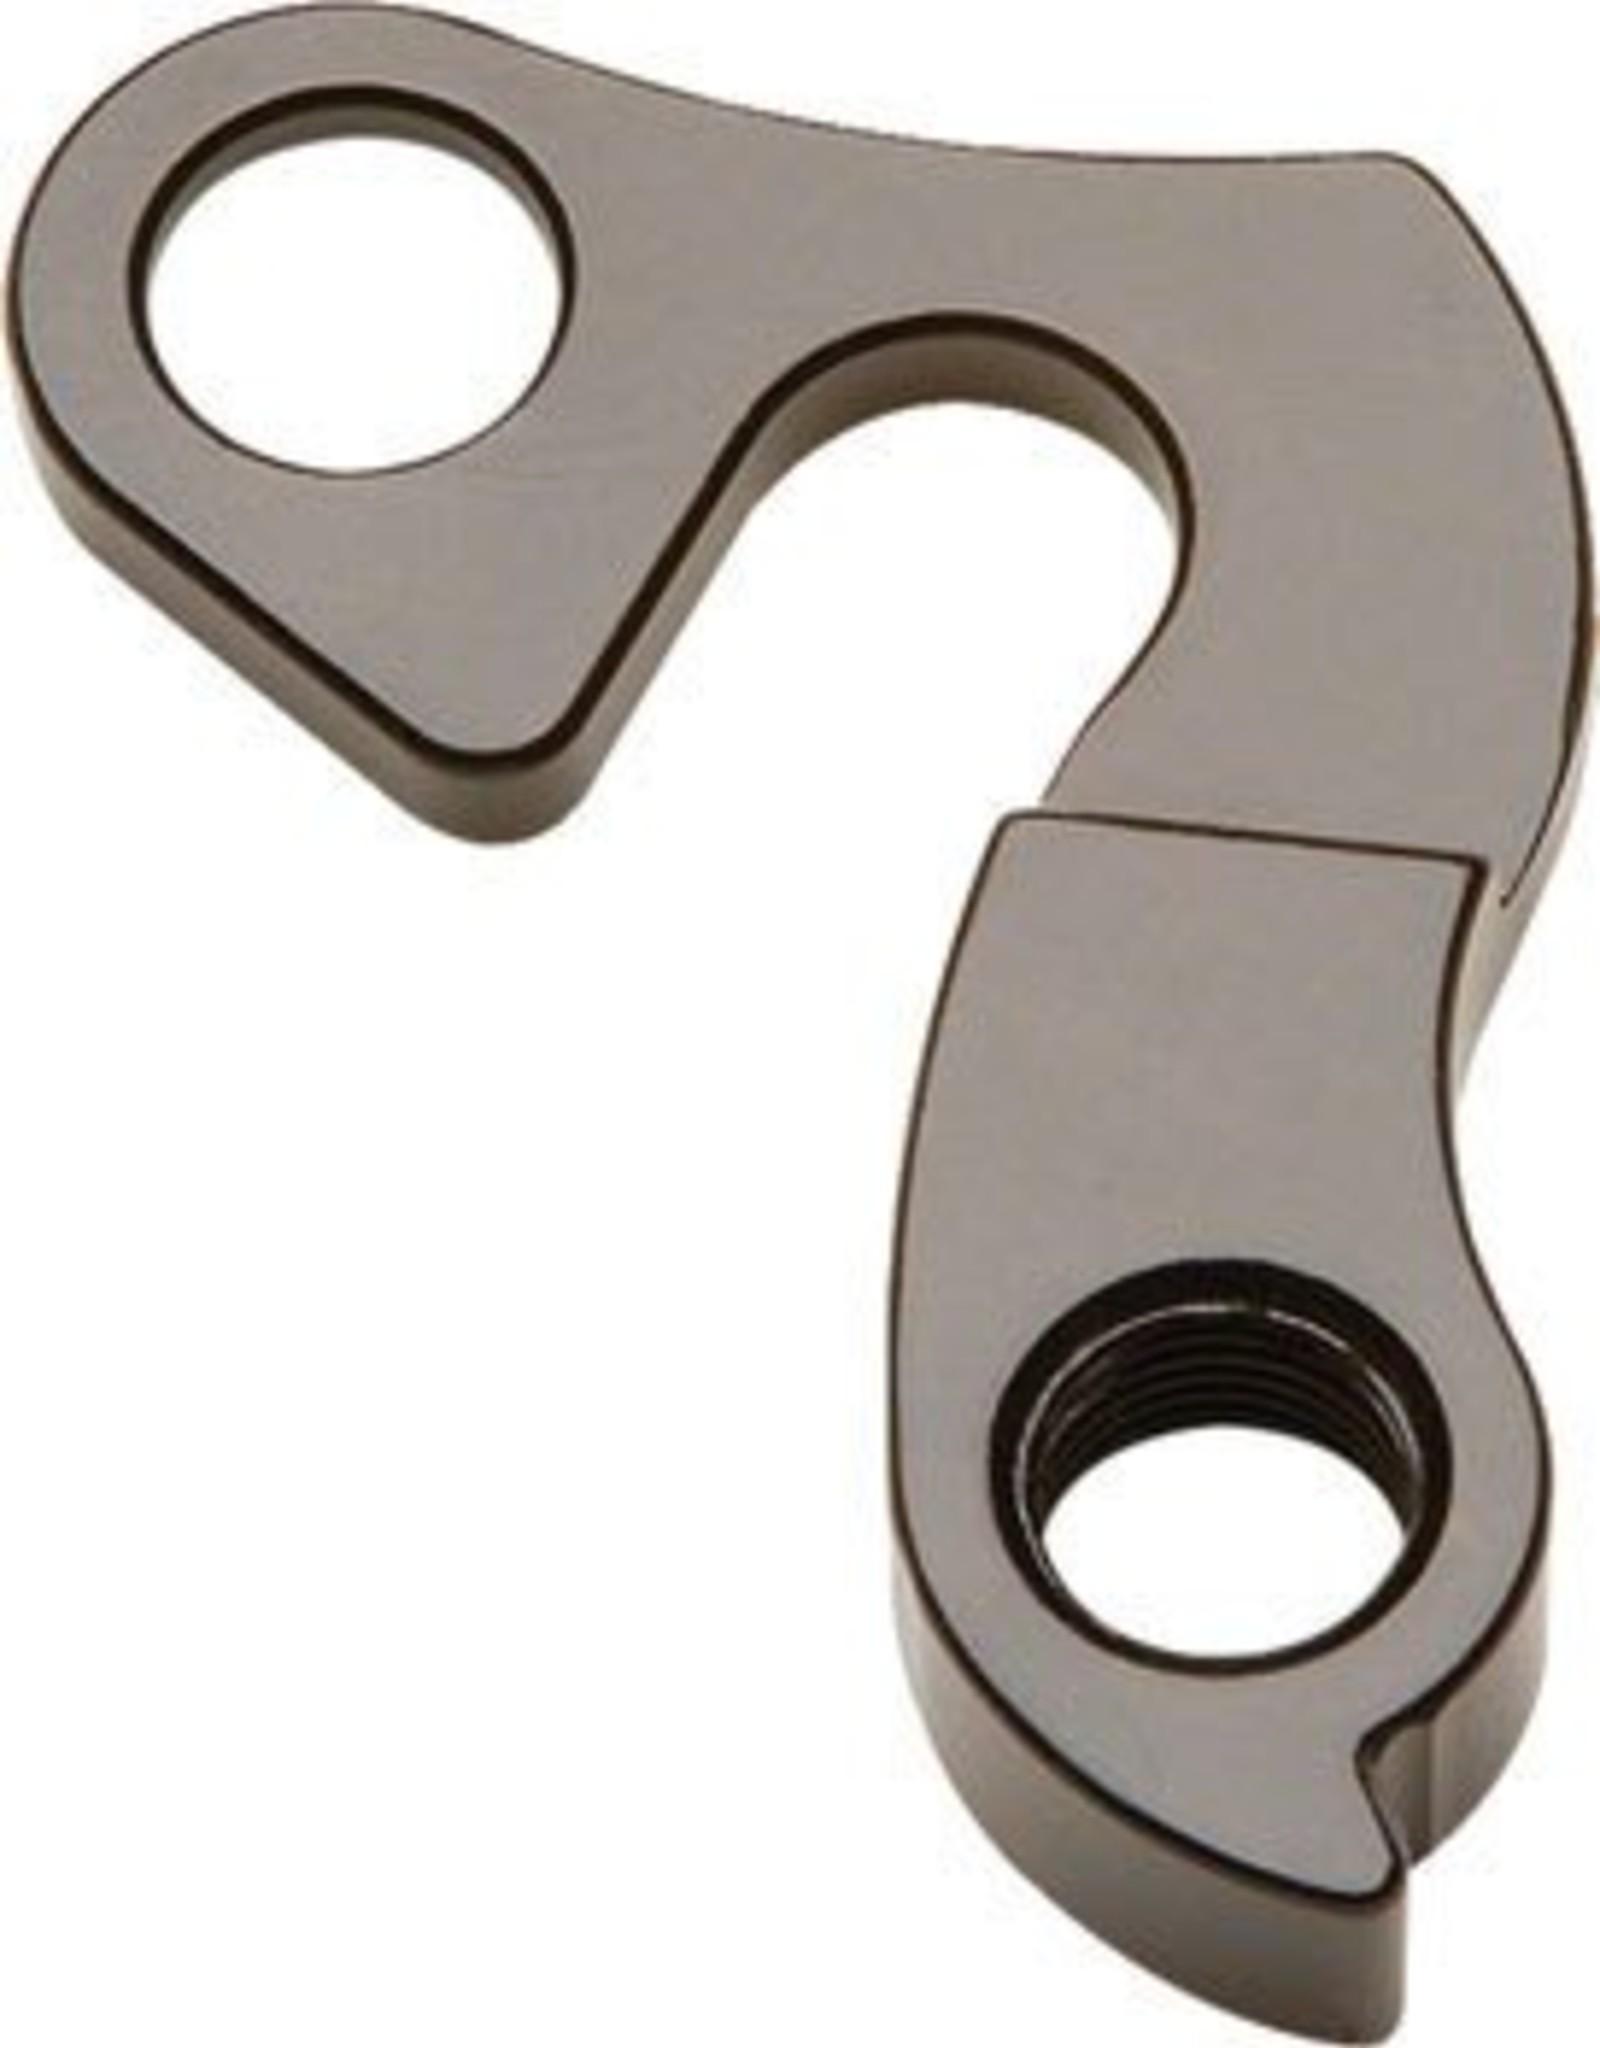 Wheels Manufacturing Derailleur Hanger - 67